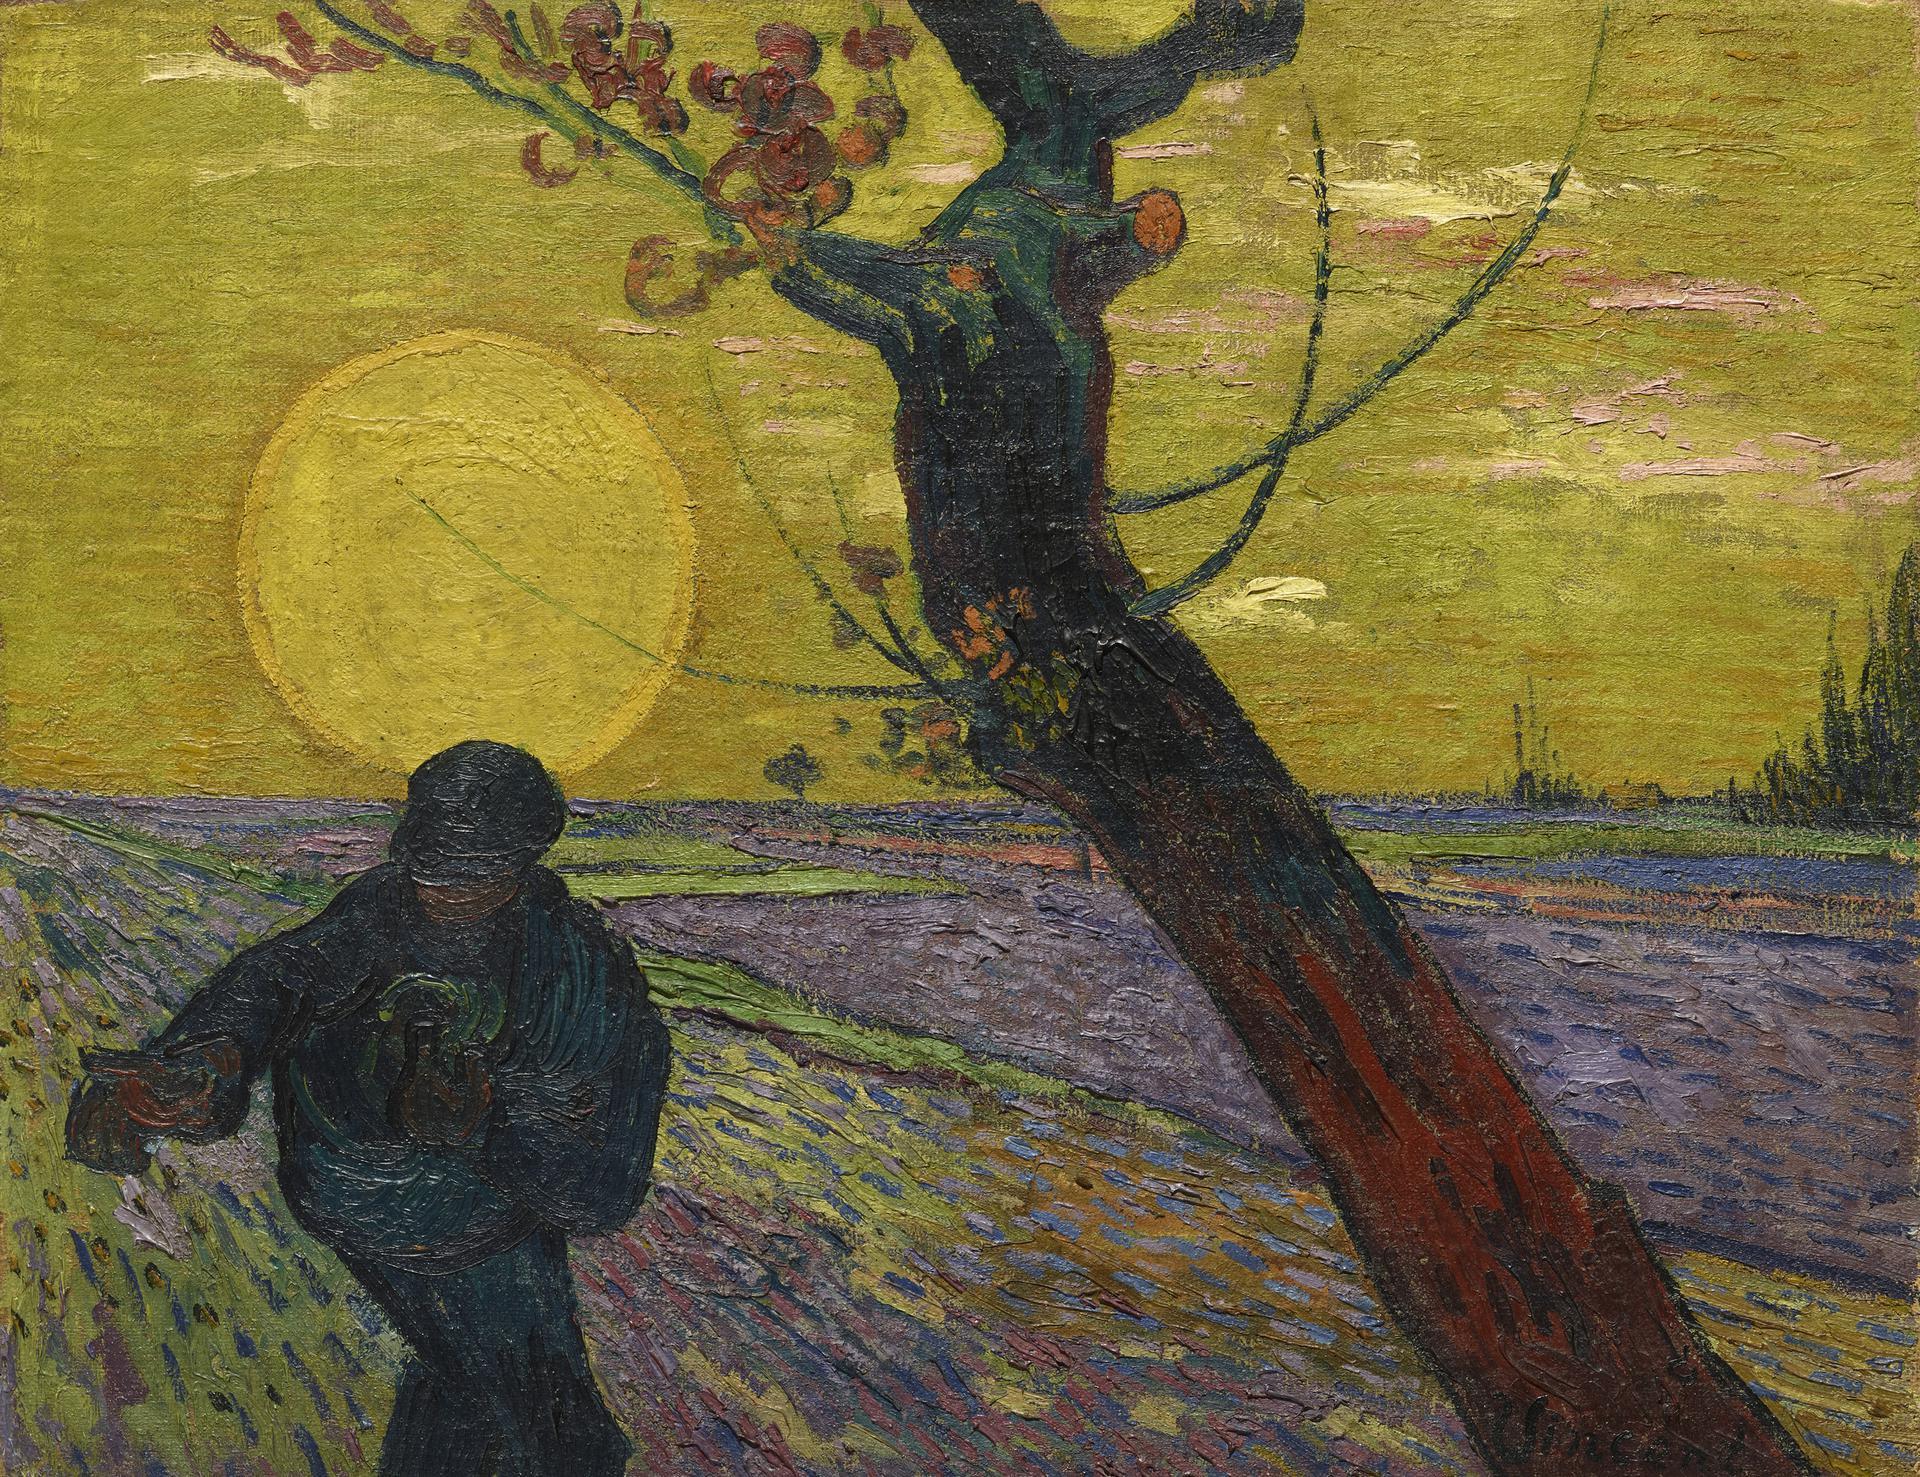 Vincent Van Gogh_ Le Semeur au soleil couchant 1888 Olio su tela 73 x 92 cm Collezione Emil Bührle_Foto: Schälchli/Schmidt, Zürich